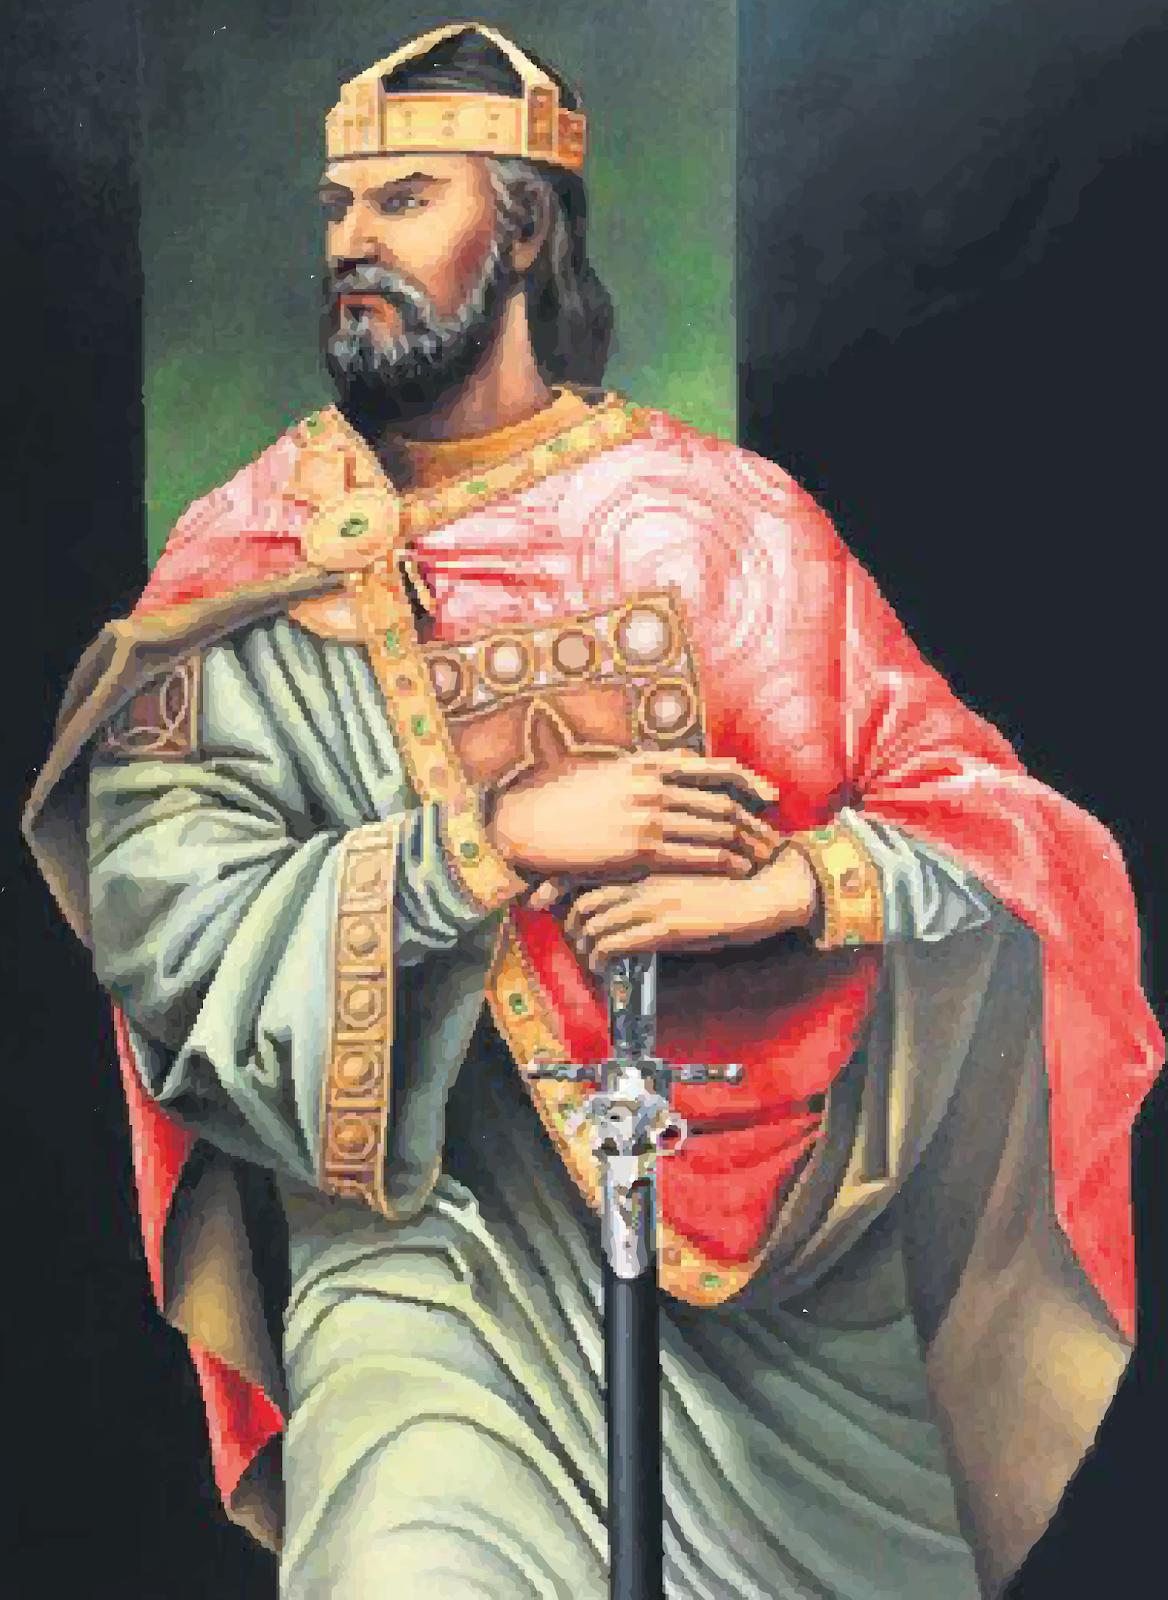 হেরাকিউলিস অযাচিতভাবে মুসলিমদের আক্রমণ করে।